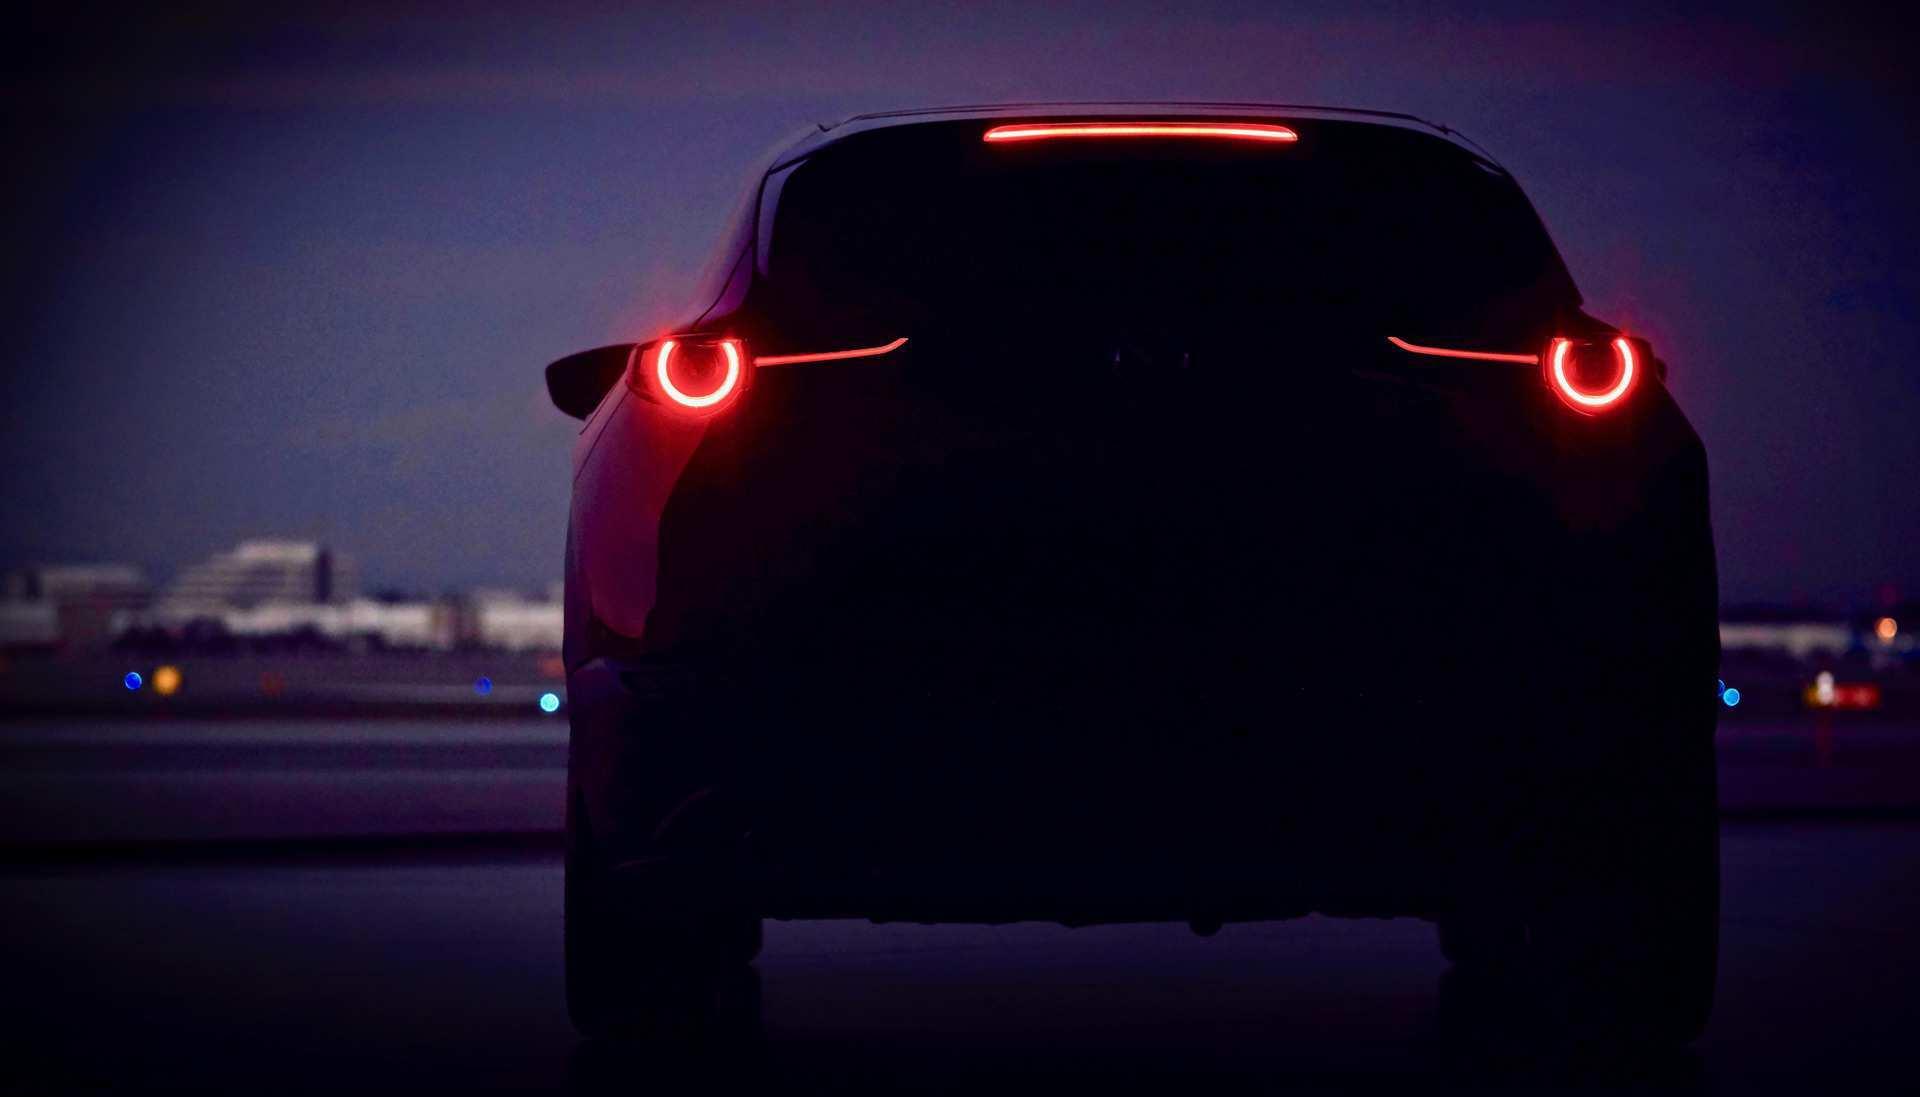 21 New Cx6 Mazda 2019 Rumors Specs with Cx6 Mazda 2019 Rumors